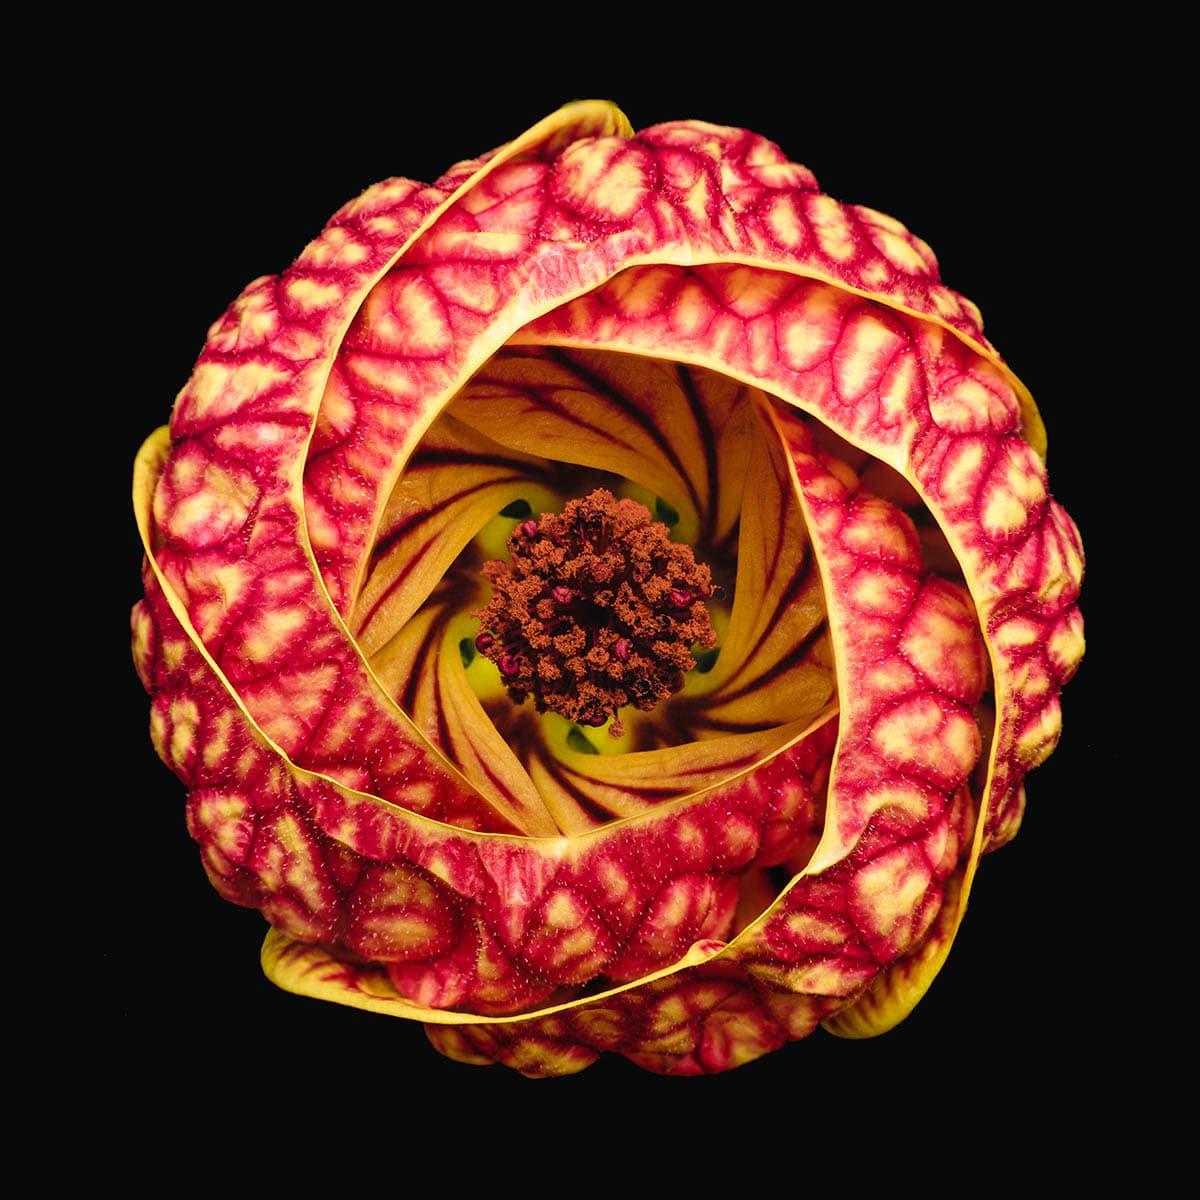 1 macro photography vortex blossom by bruno militelli